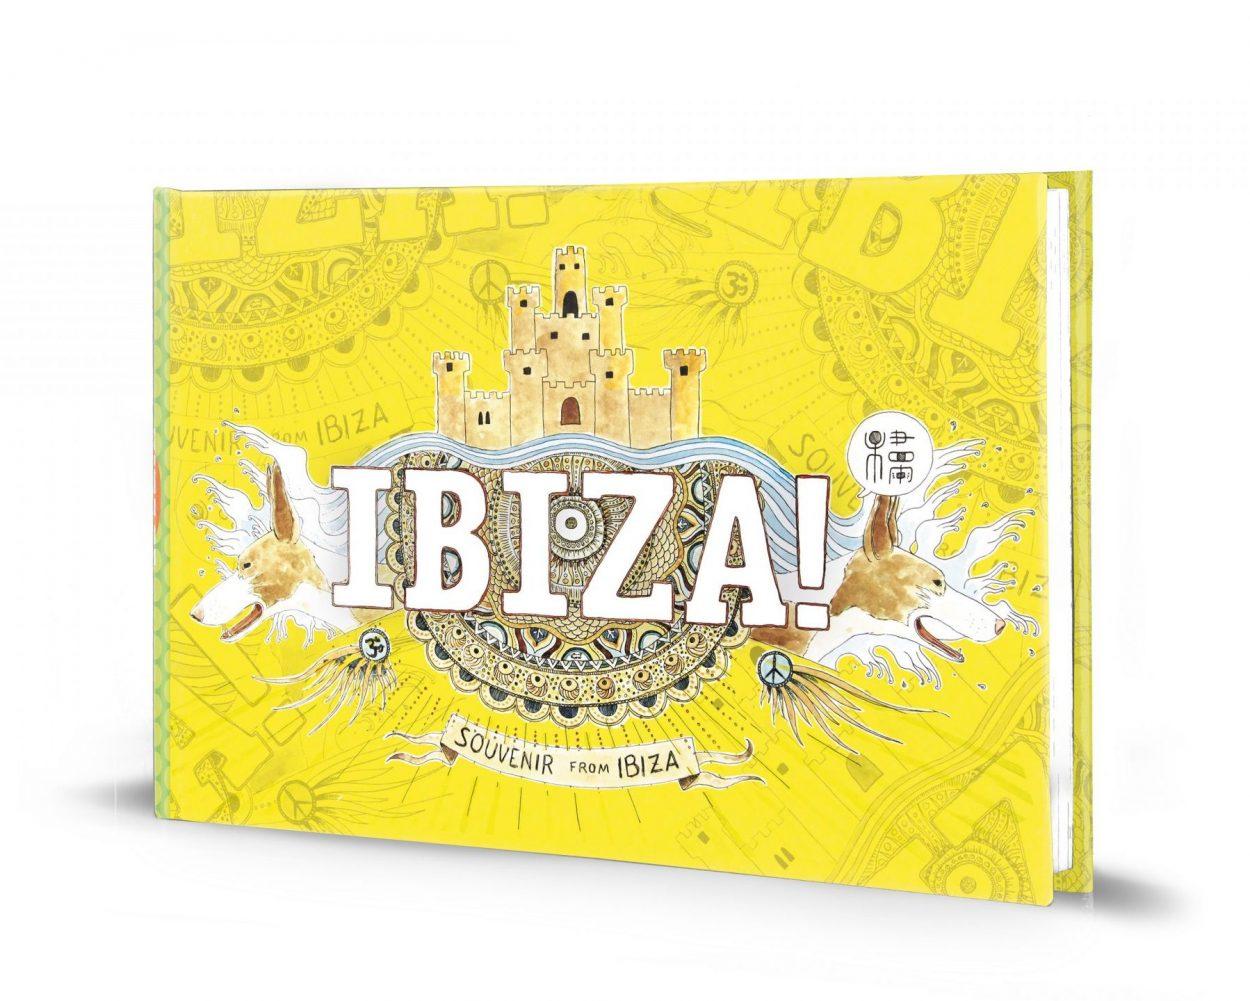 Portada guía ilustrada de Ibiza con acuarelas y dibujos de la isla mediterránea. España. Souvenirs de viaje